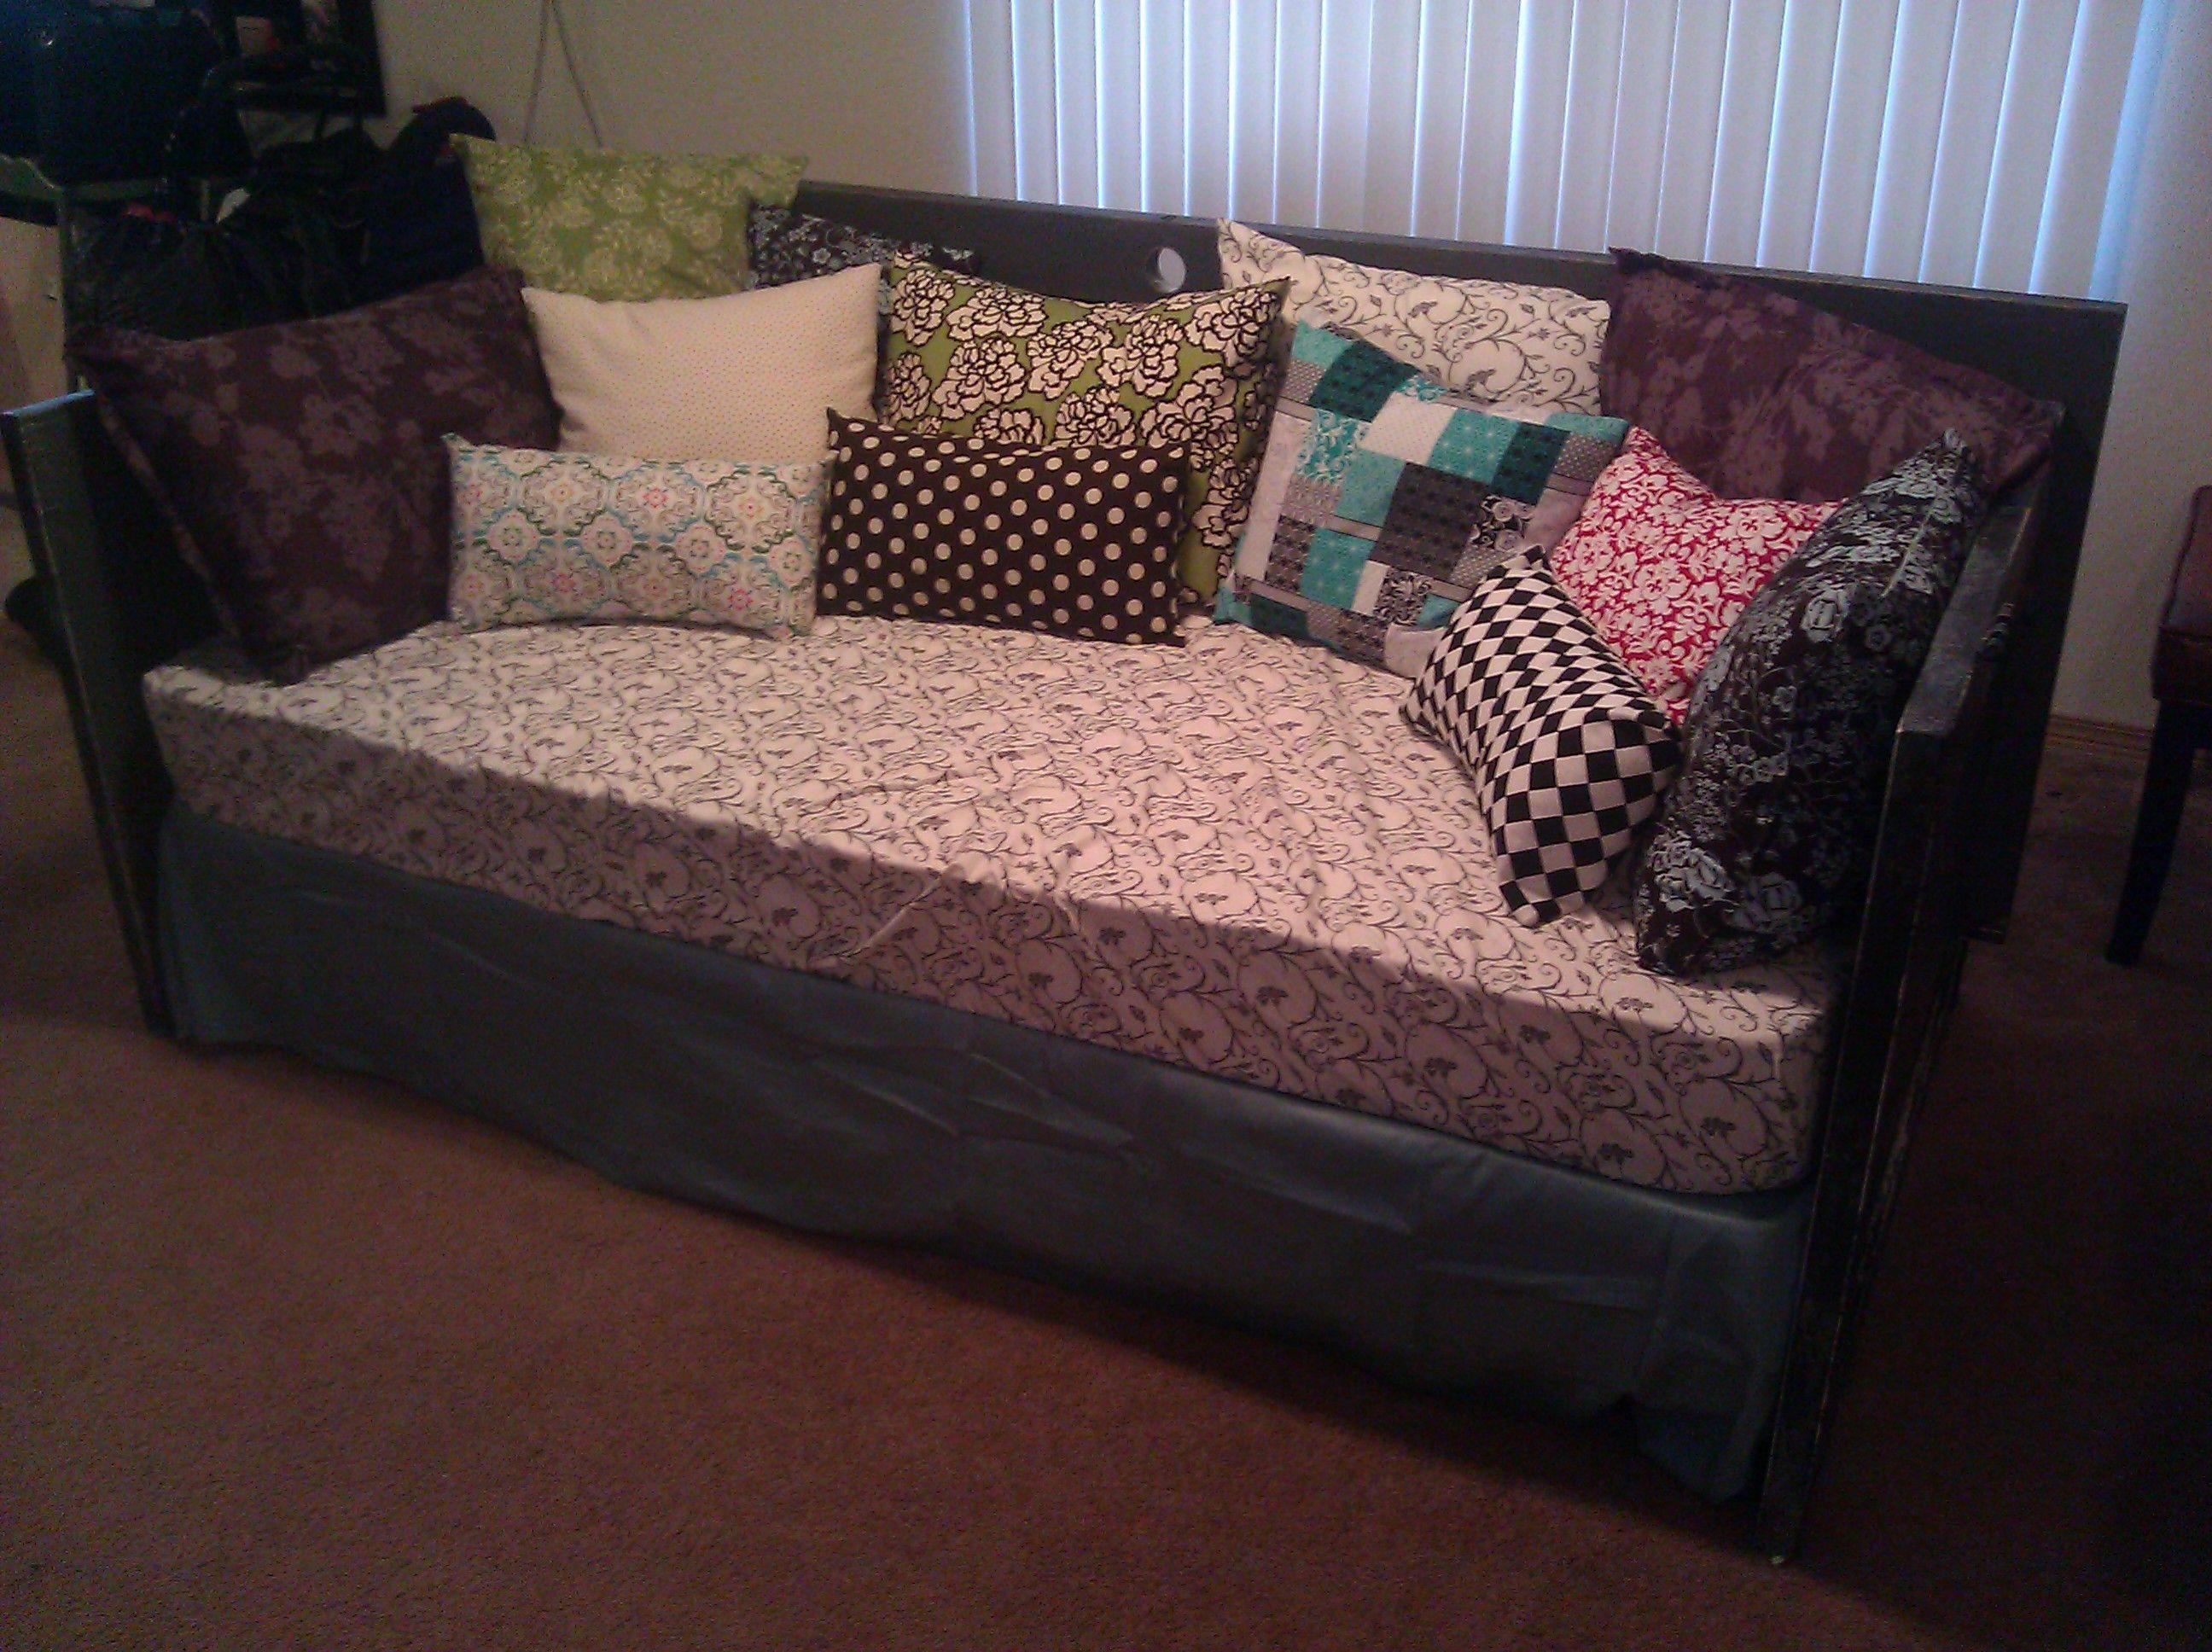 DIY Door Couch | Diy daybed, Diy couch, Diy door